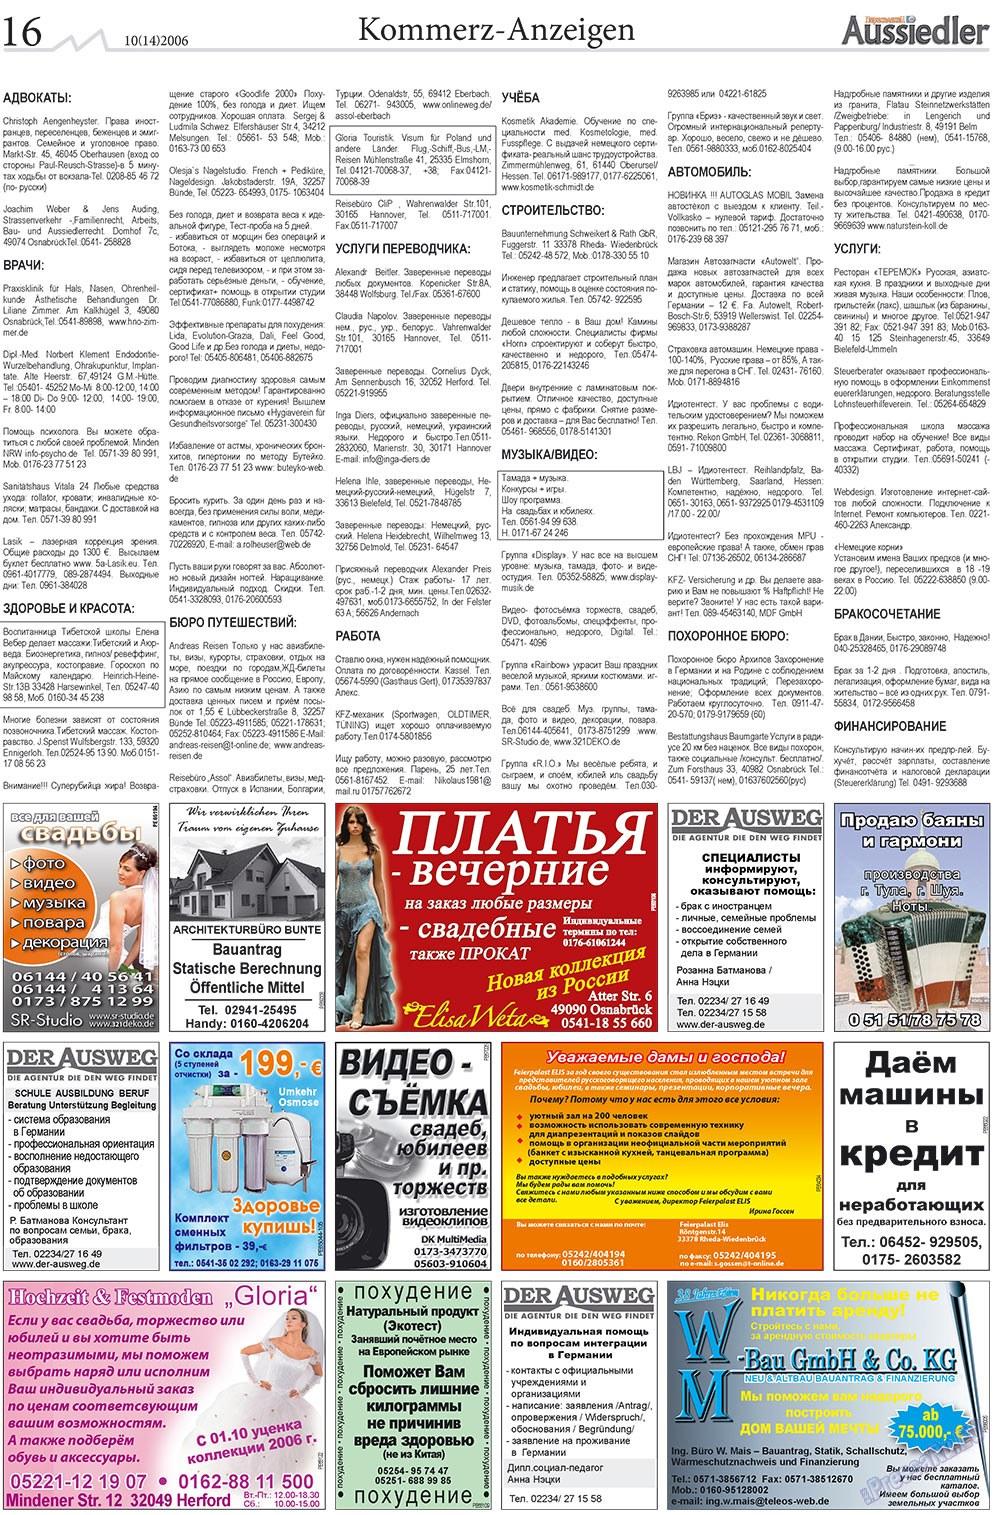 Переселенец (газета). 2006 год, номер 10, стр. 24